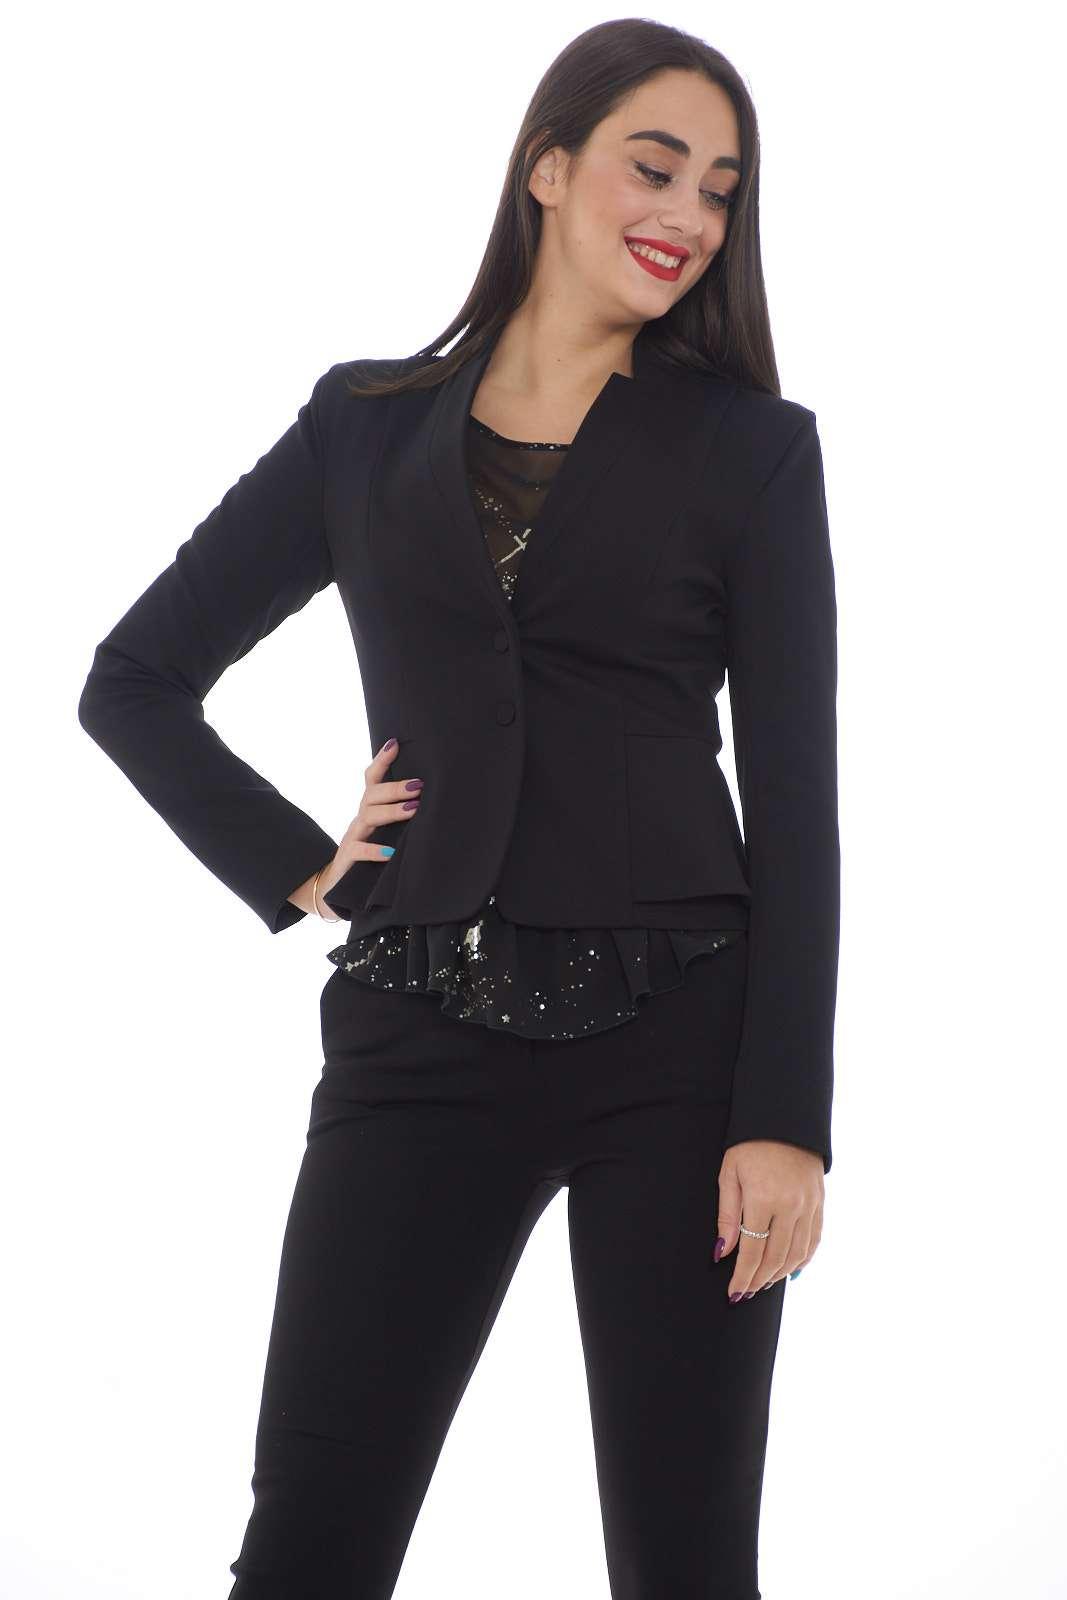 Una giacca super slim in misto viscosa stretch per la nuova collezione Patrizia Pepe. Da abbinare ad ogni tipo di outfit, si presta sia ad abbinamenti casual che più formali. Un capo evergreen rivisitato in chiave moderna.  La modella è alta 1.80 e indossa la taglia 42